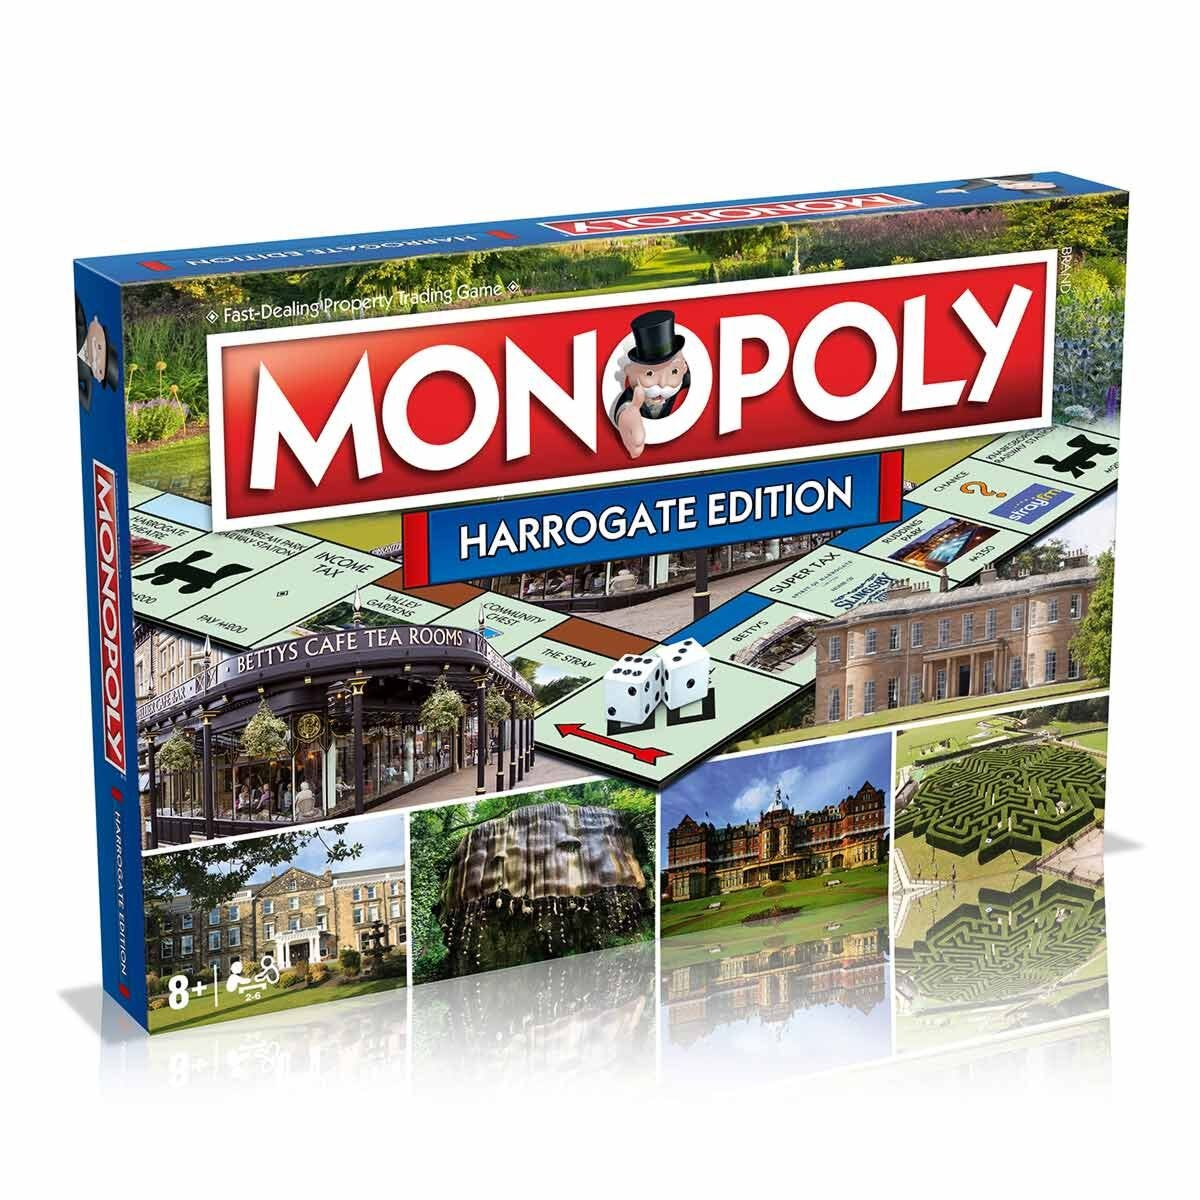 Harrogate Monopoly